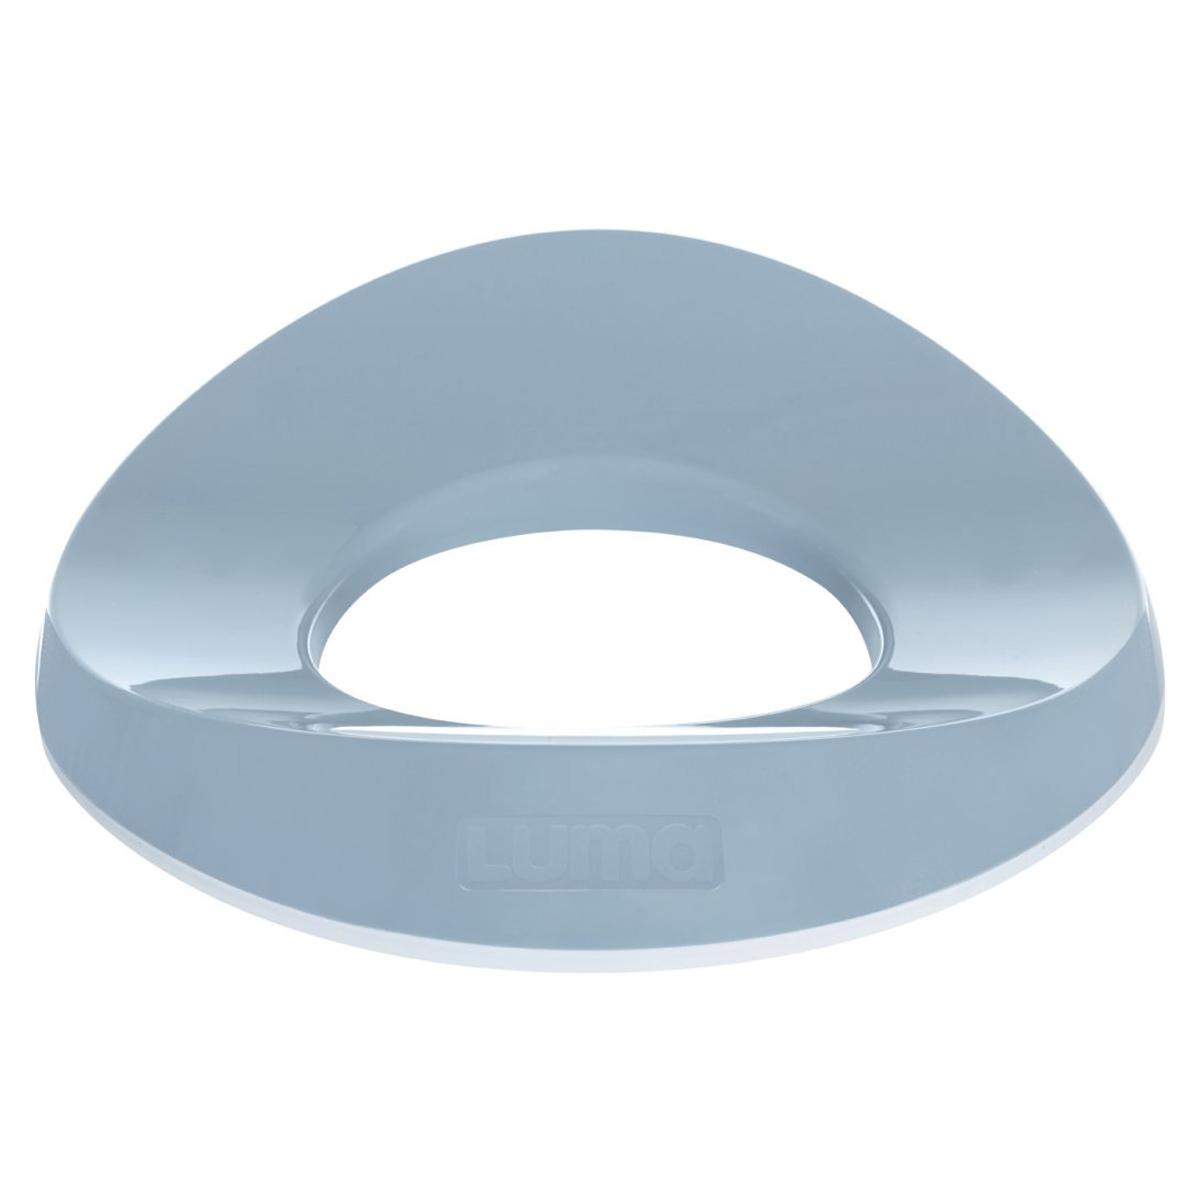 Pot & Réducteur Réducteur de Siège - Celestial Blue Réducteur de Siège - Celestial Blue